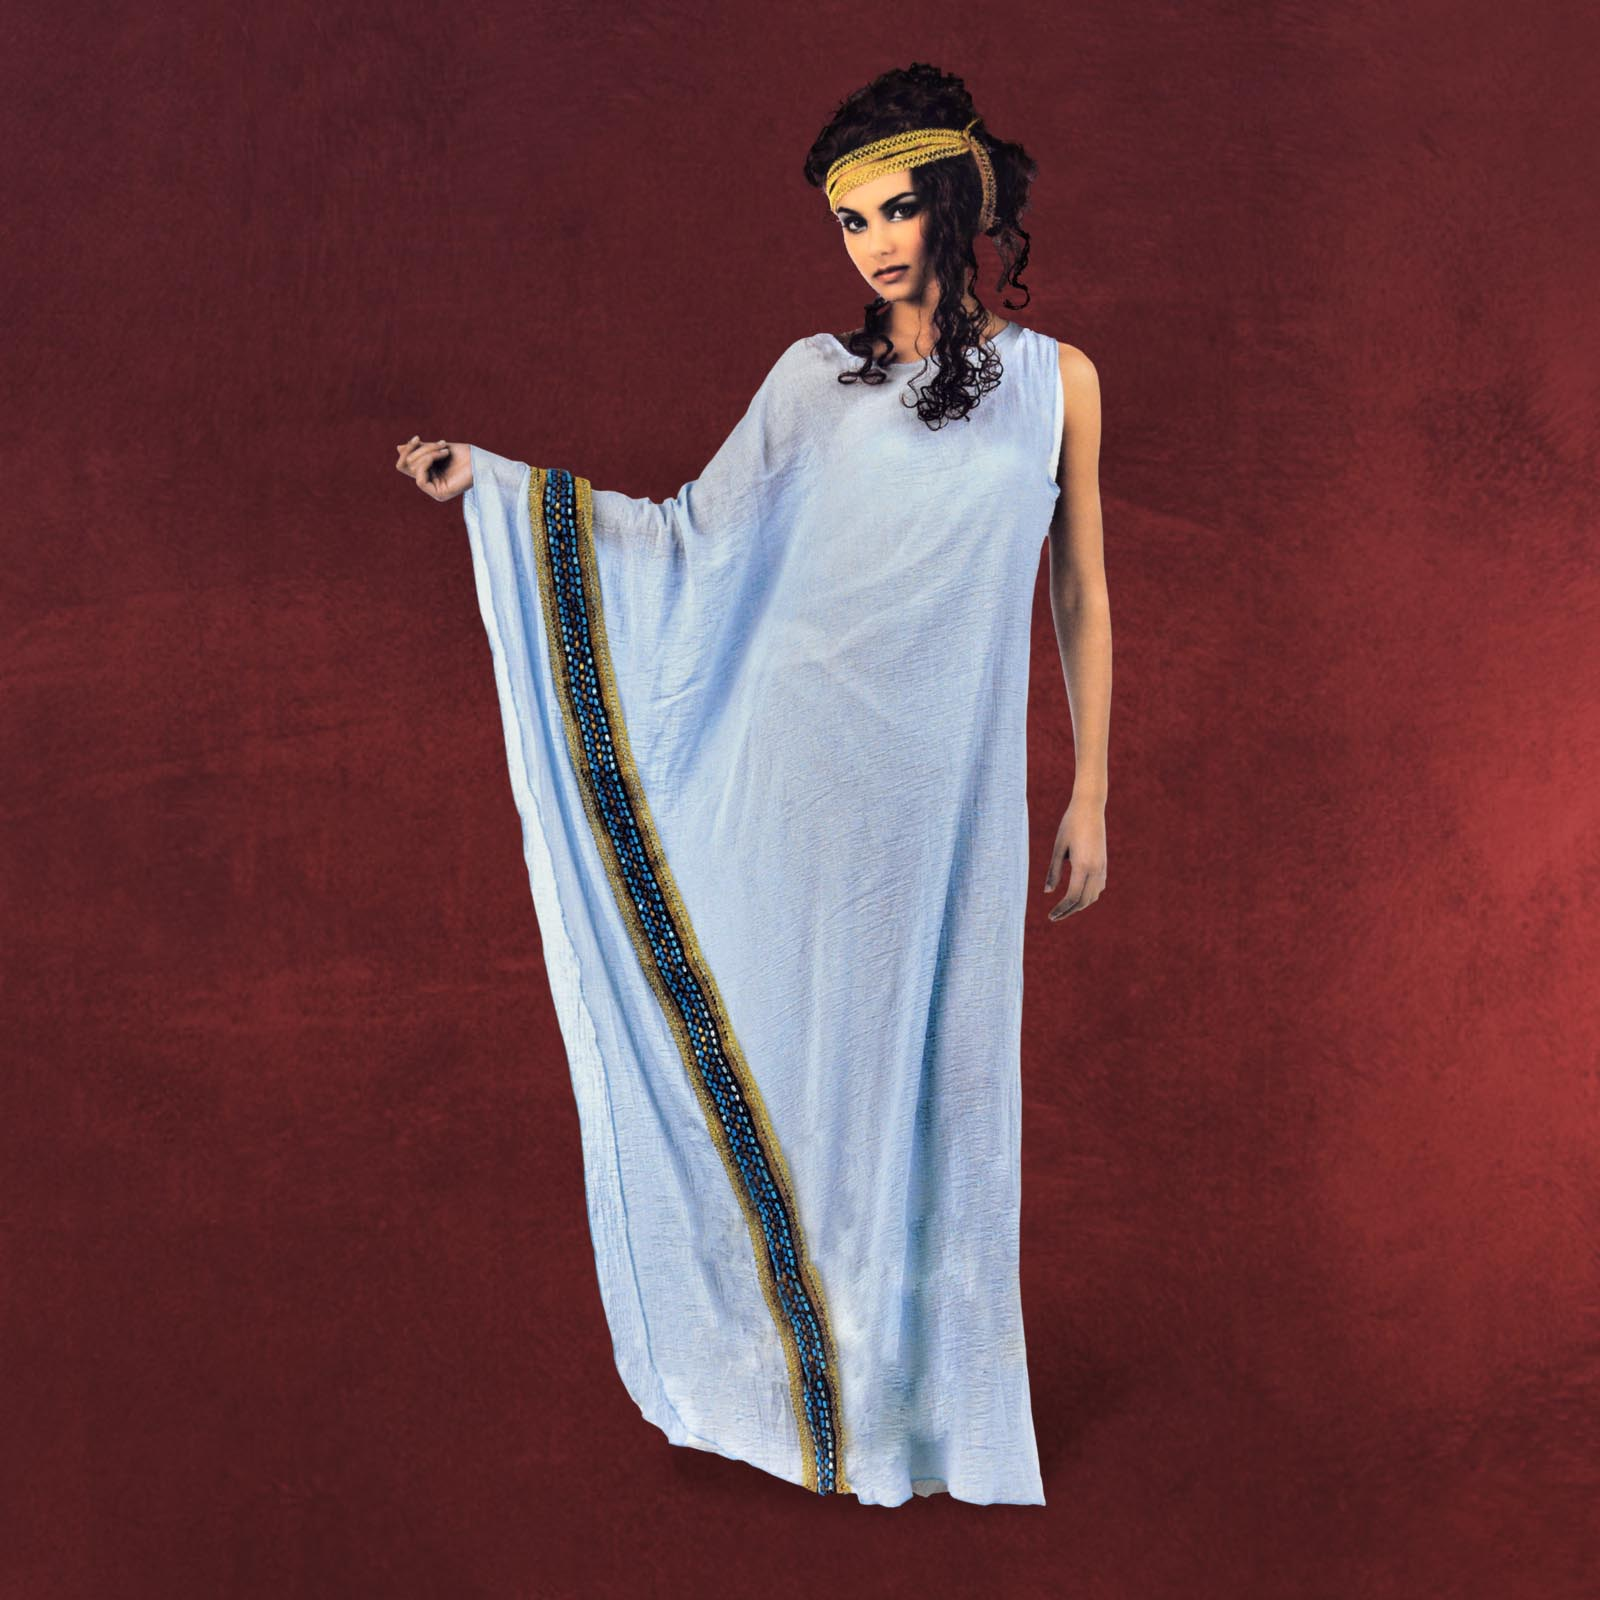 griechisches kleid damen kost m antik mit zierborte. Black Bedroom Furniture Sets. Home Design Ideas